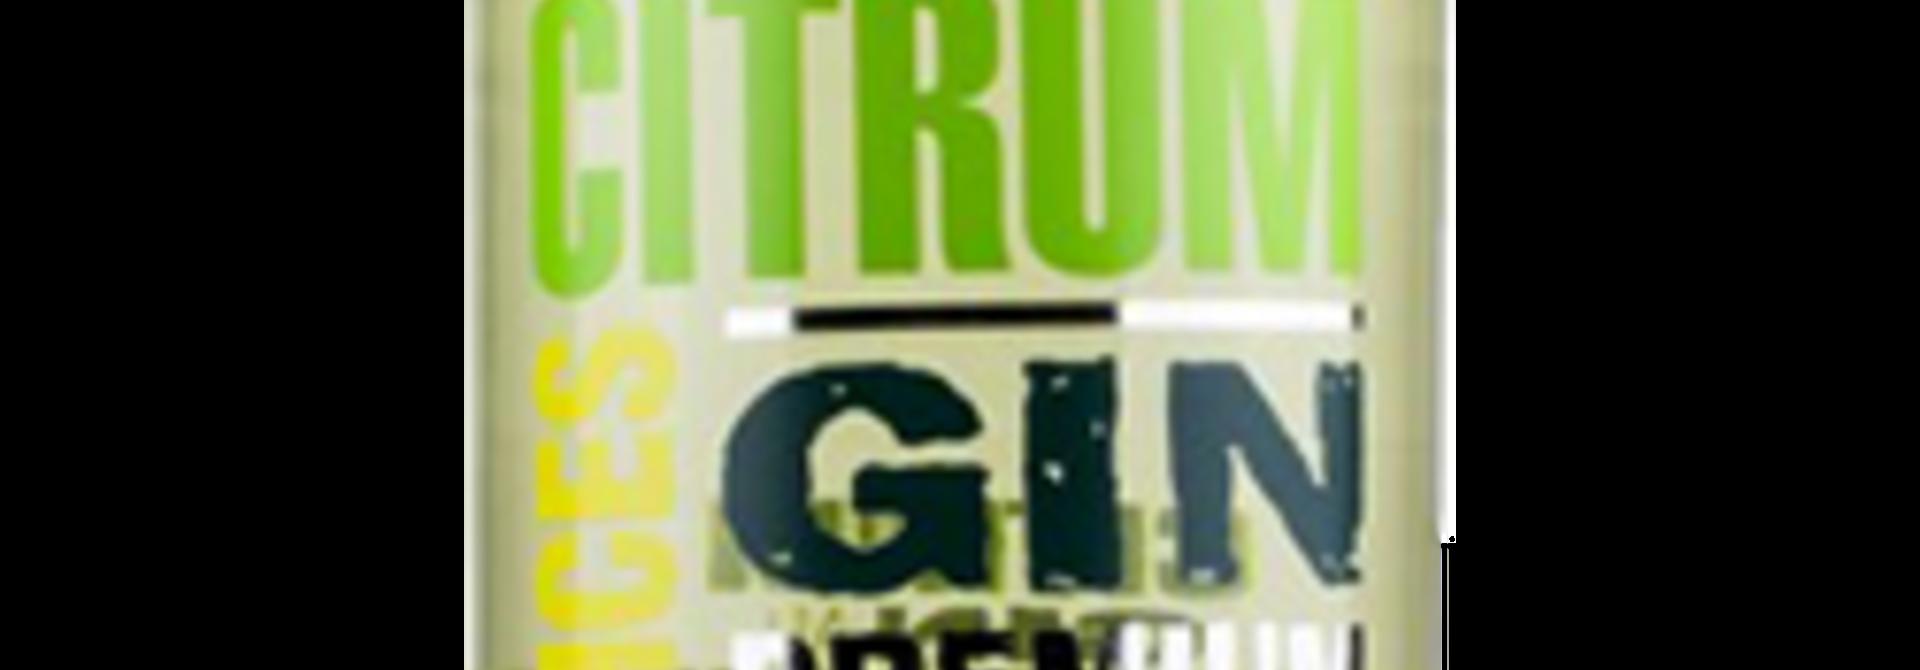 Citrum Citrus & Spices Premium Gin 0.7ltr